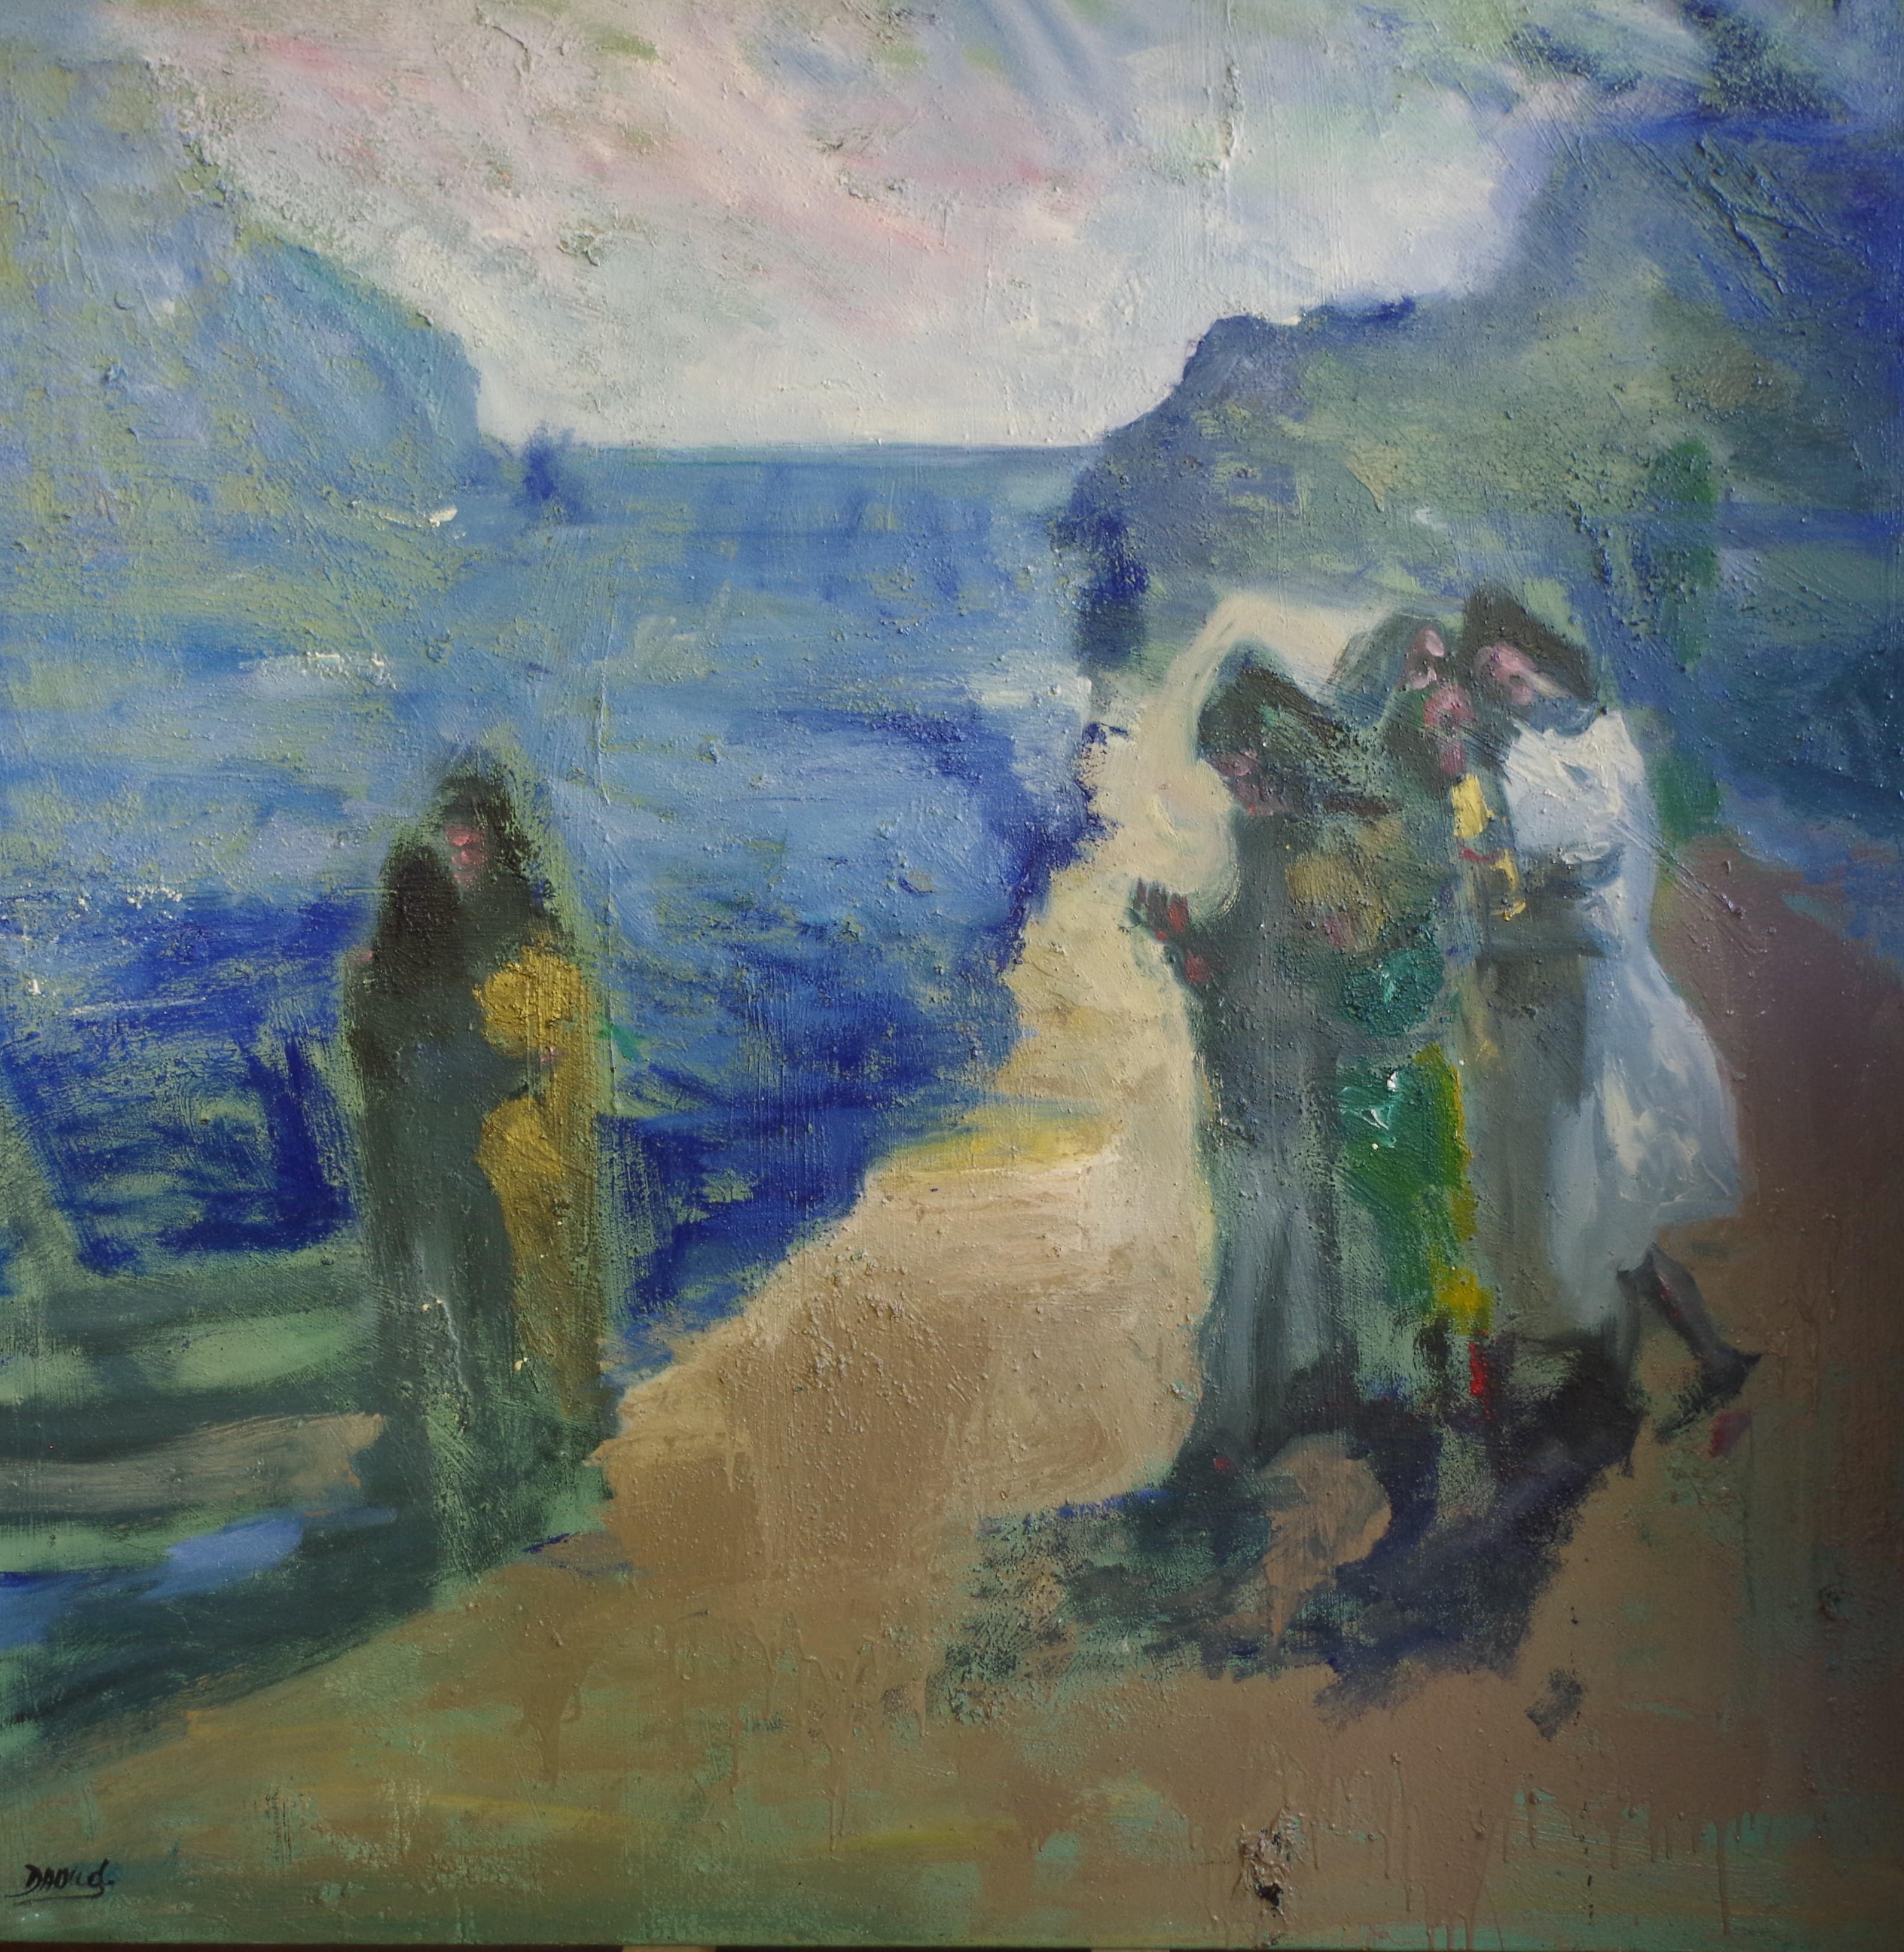 La Soiree Huile Sur Toile by Daoud Peintre